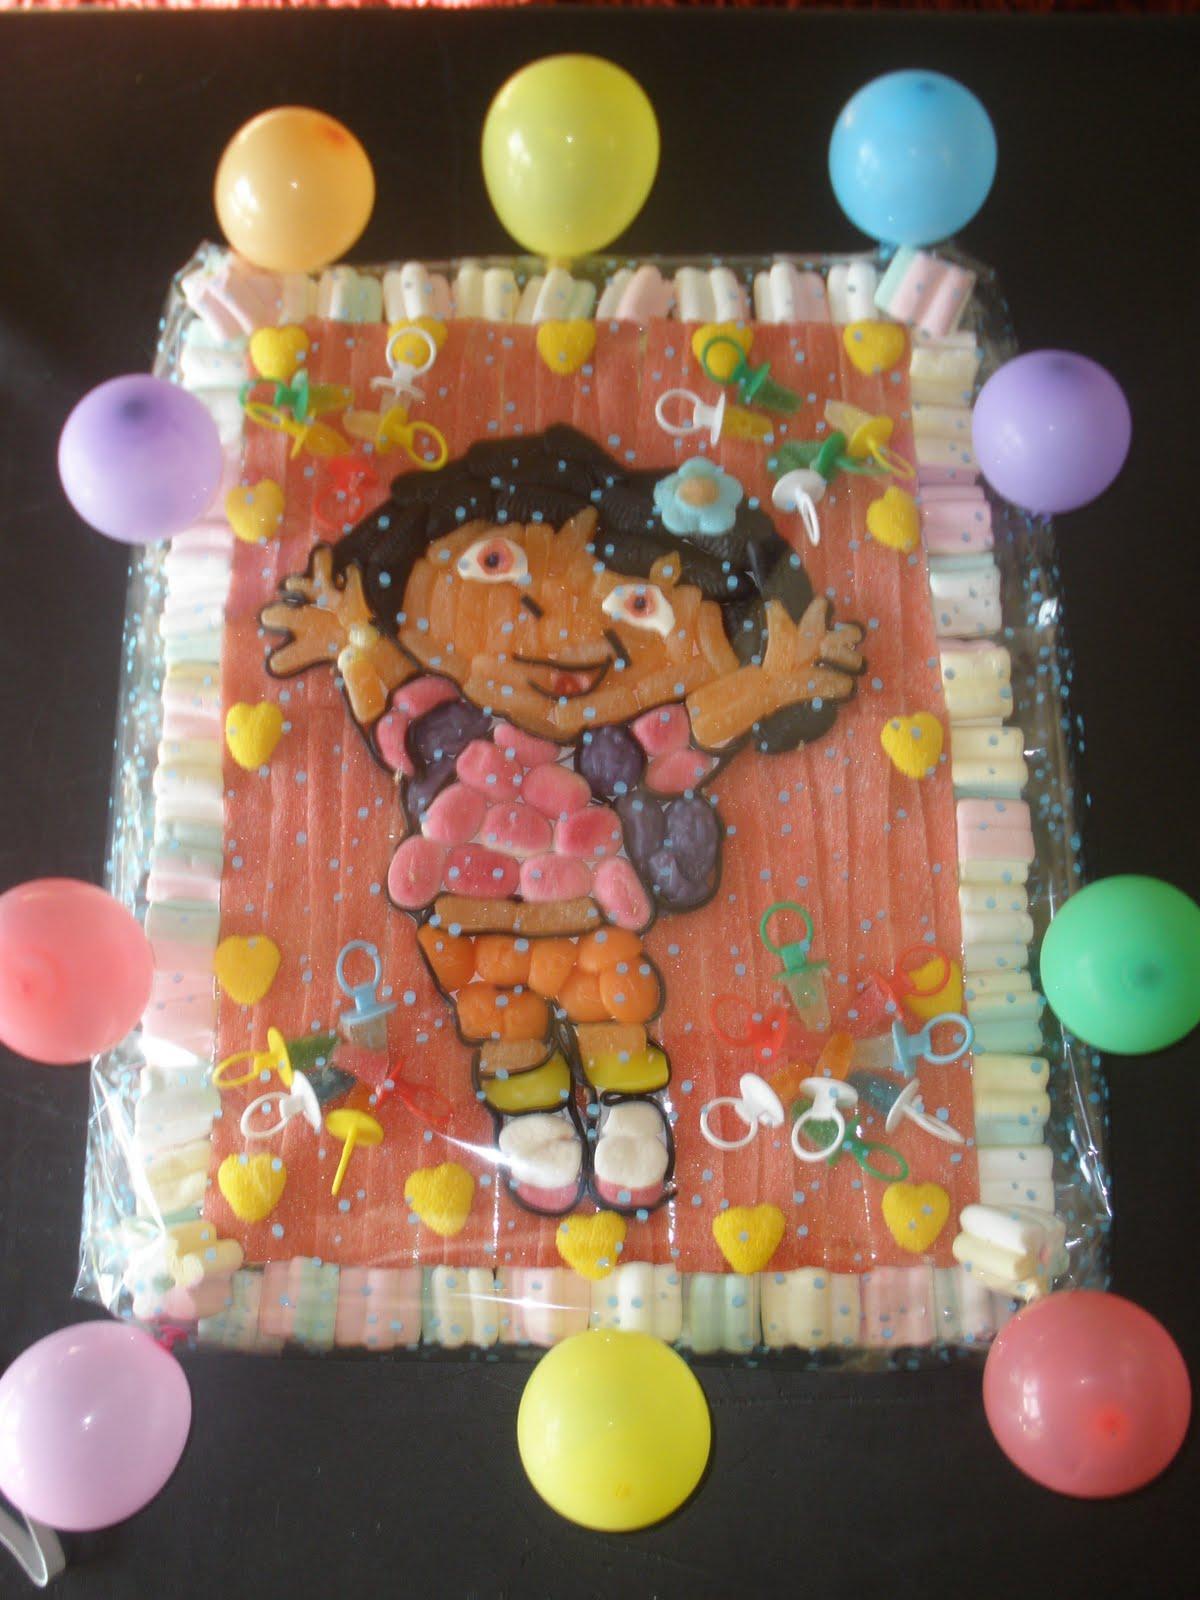 Mar en la cocina tarta de dora la exploradora - Dora la exploradora cocina ...